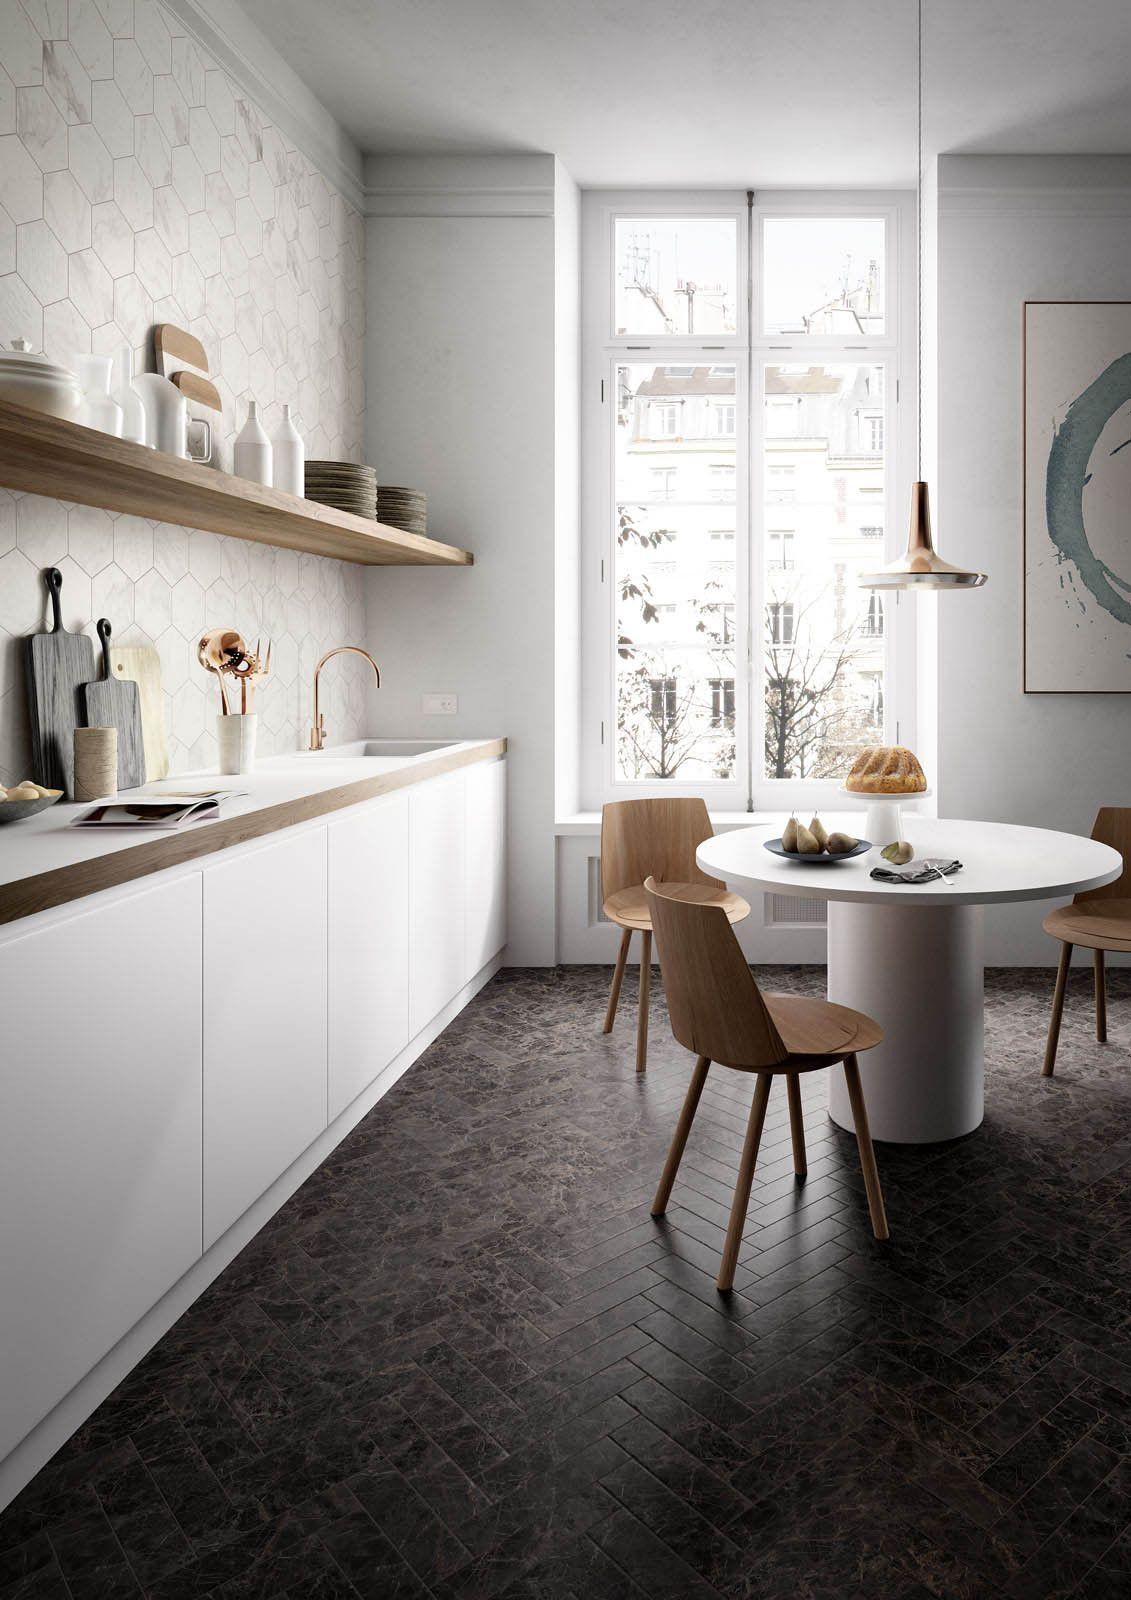 Niedlich Küche Und Bad Design Ideen Bilder - Küchenschrank Ideen ...